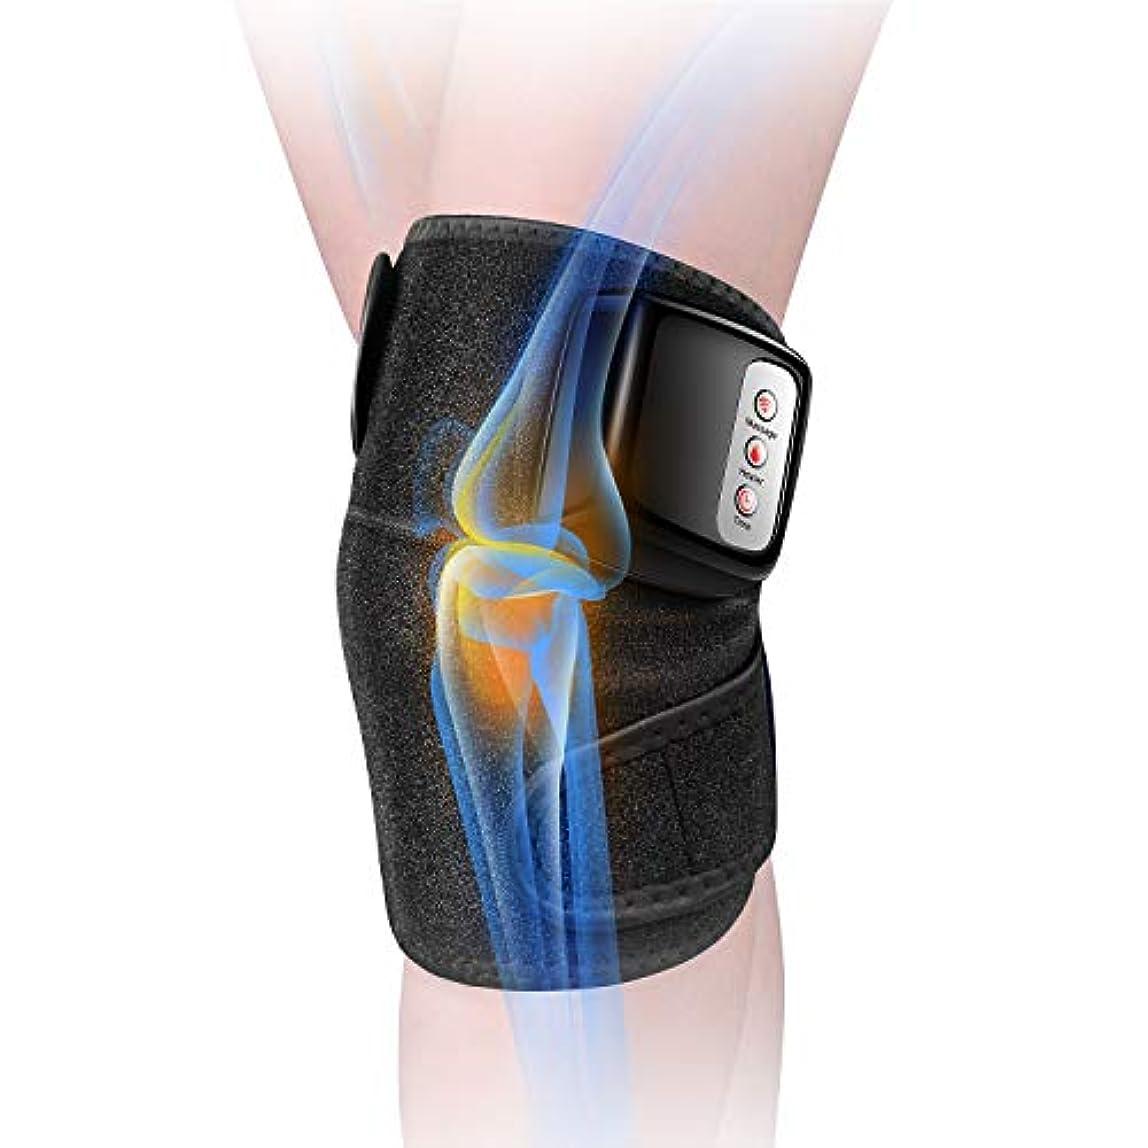 浮浪者く行商人膝マッサージャー 関節マッサージャー マッサージ器 フットマッサージャー 振動 赤外線療法 温熱療法 膝サポーター ストレス解消 肩 太もも/腕対応